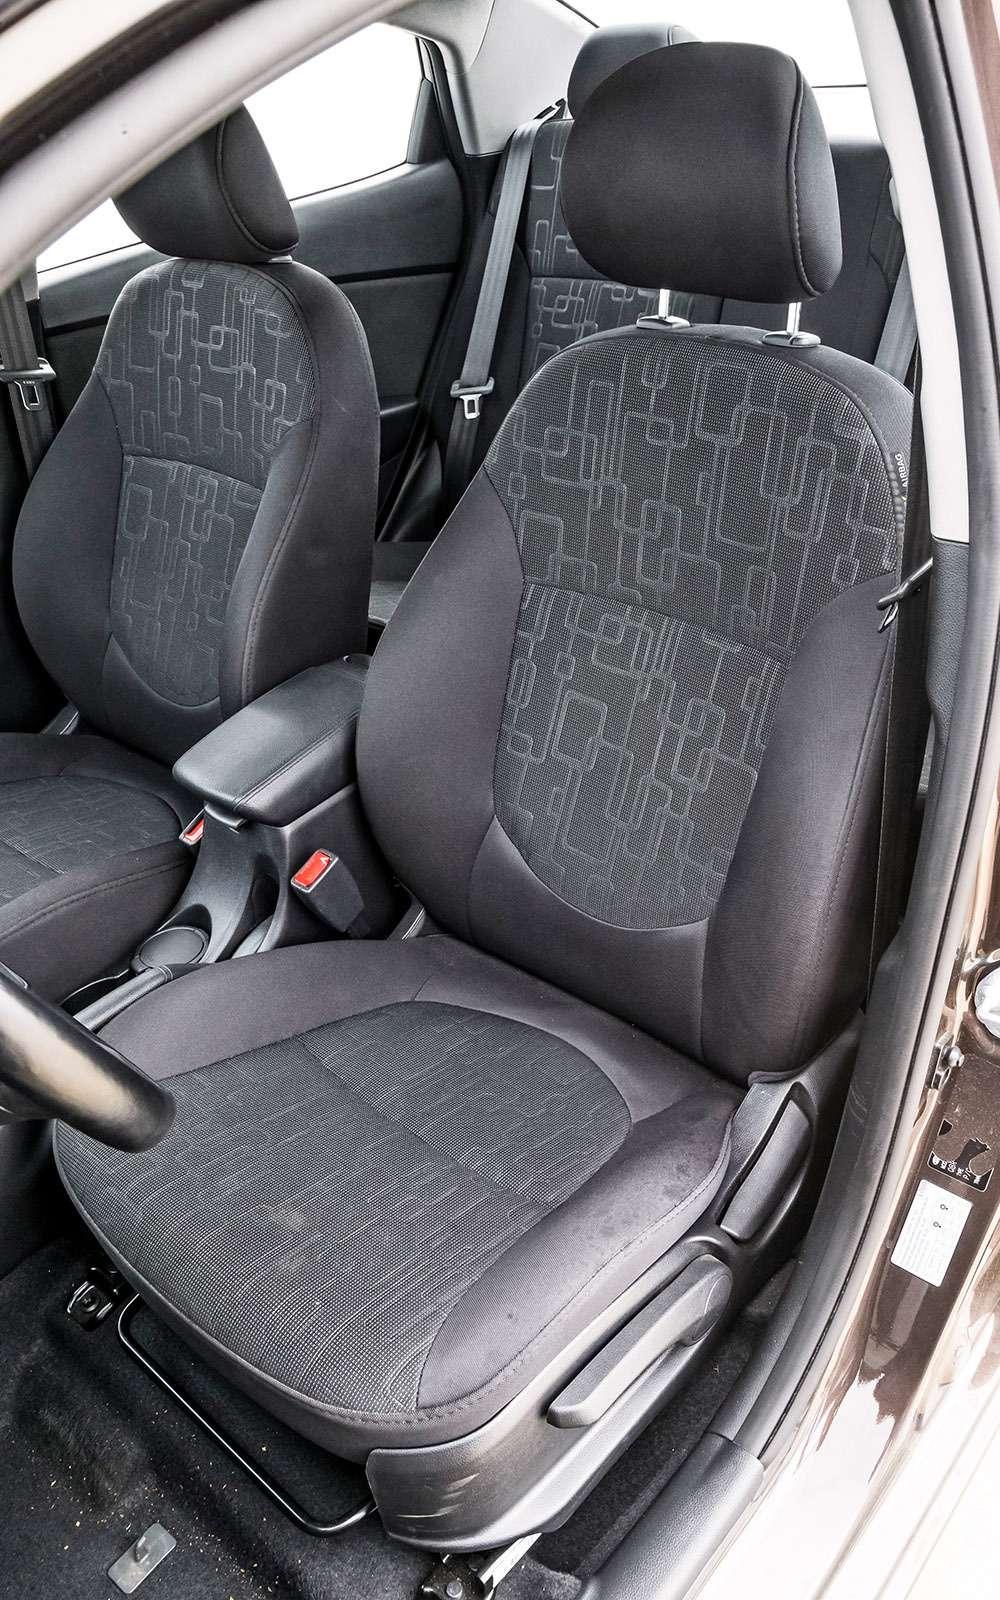 VWPolo GTпротив конкурентов: тест на«Смоленском кольце»— фото 644226